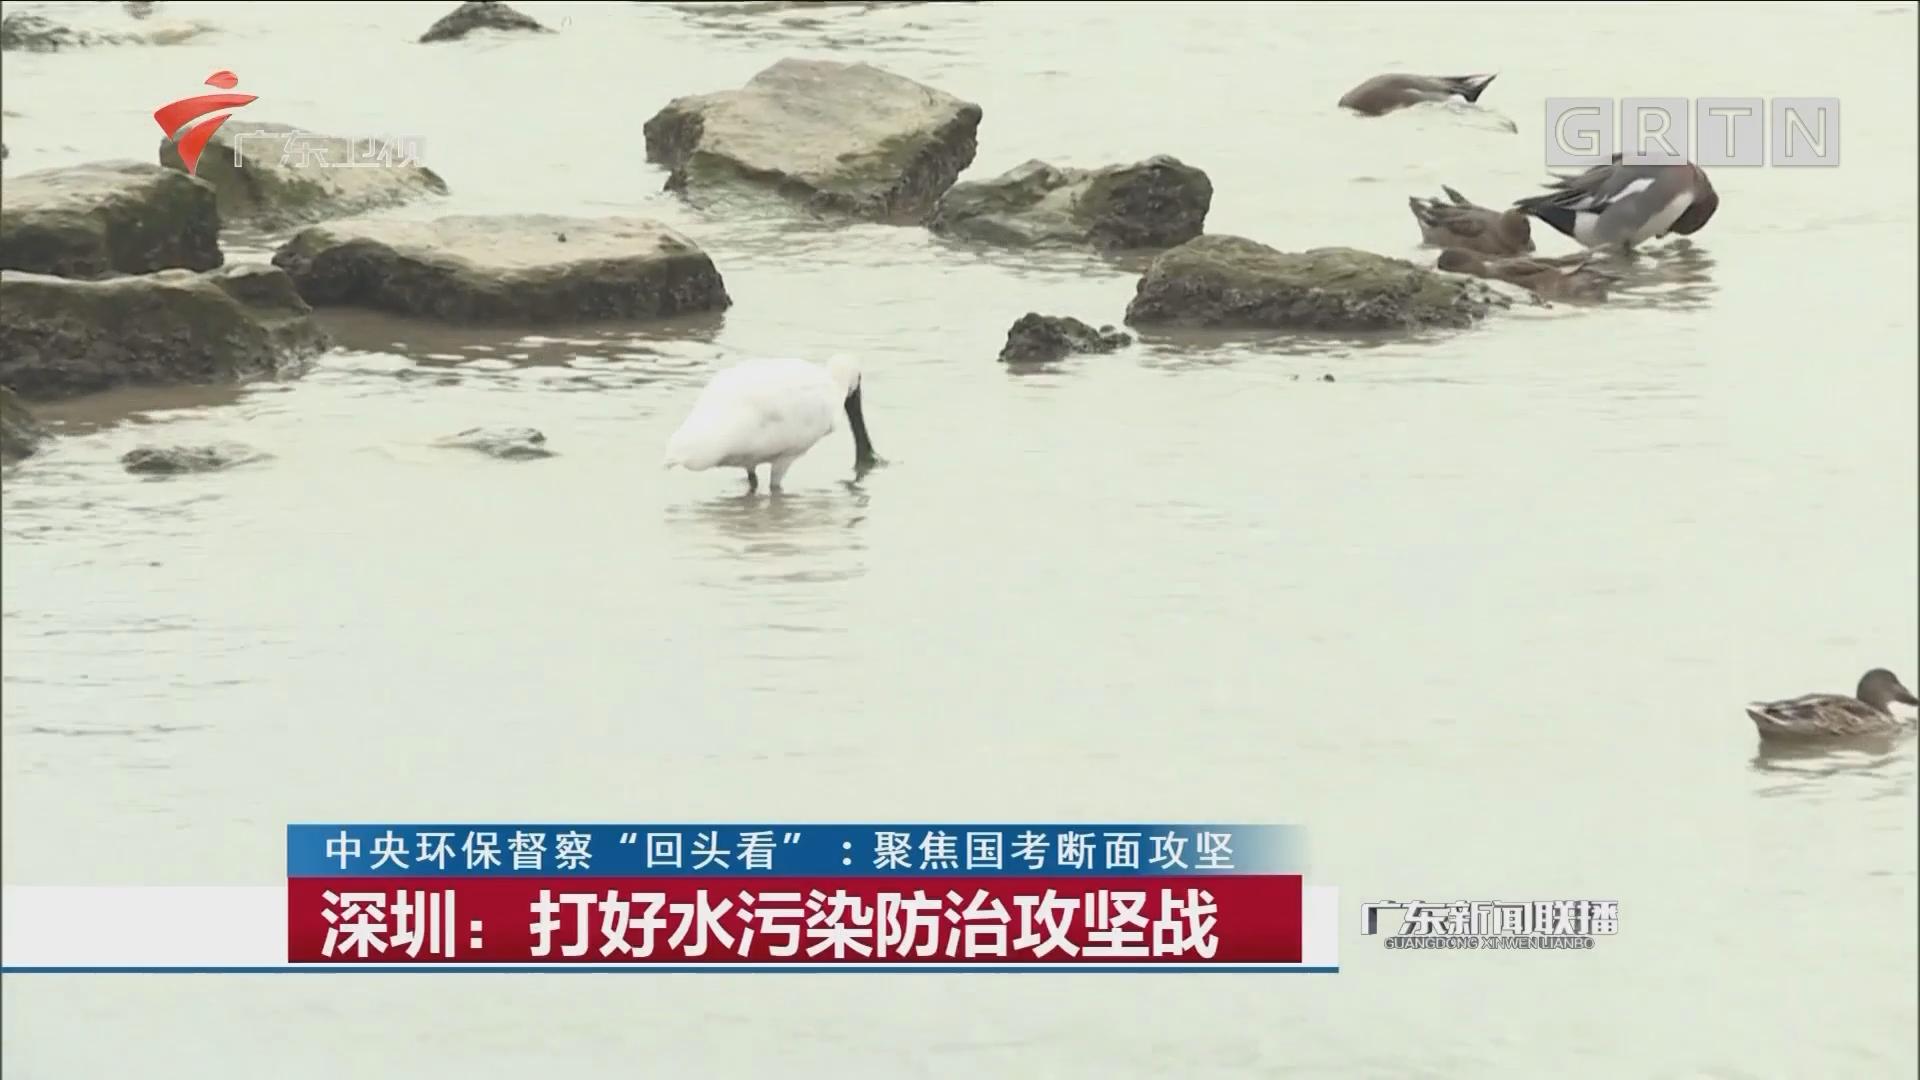 深圳:打好水污染防治攻坚战